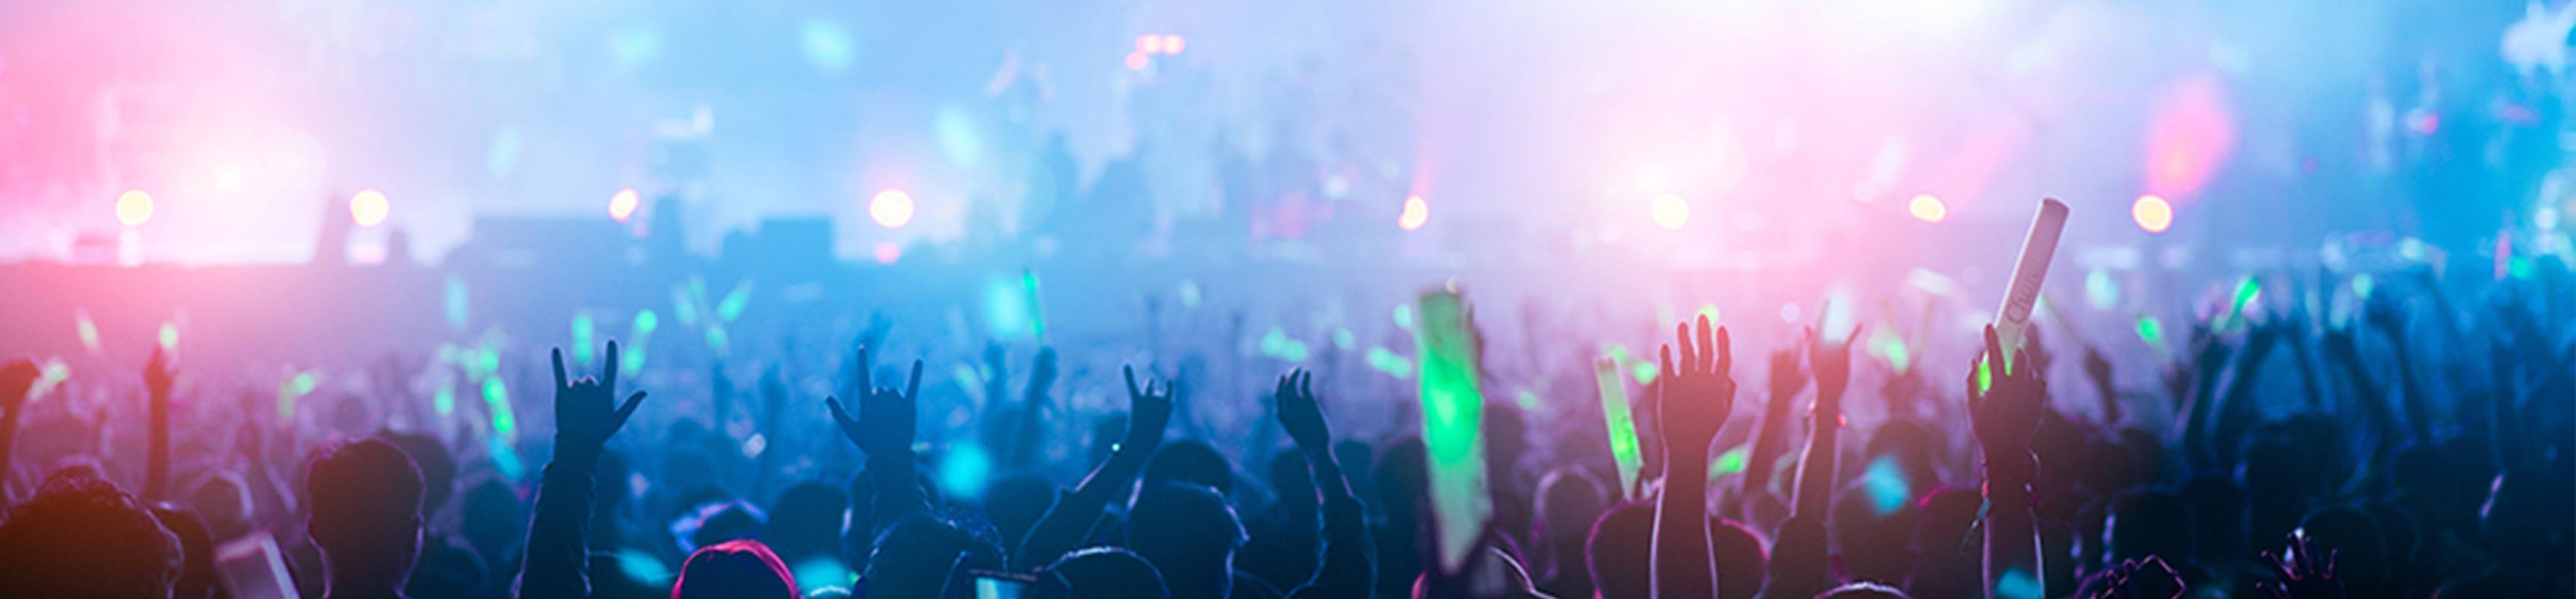 イベント&音楽